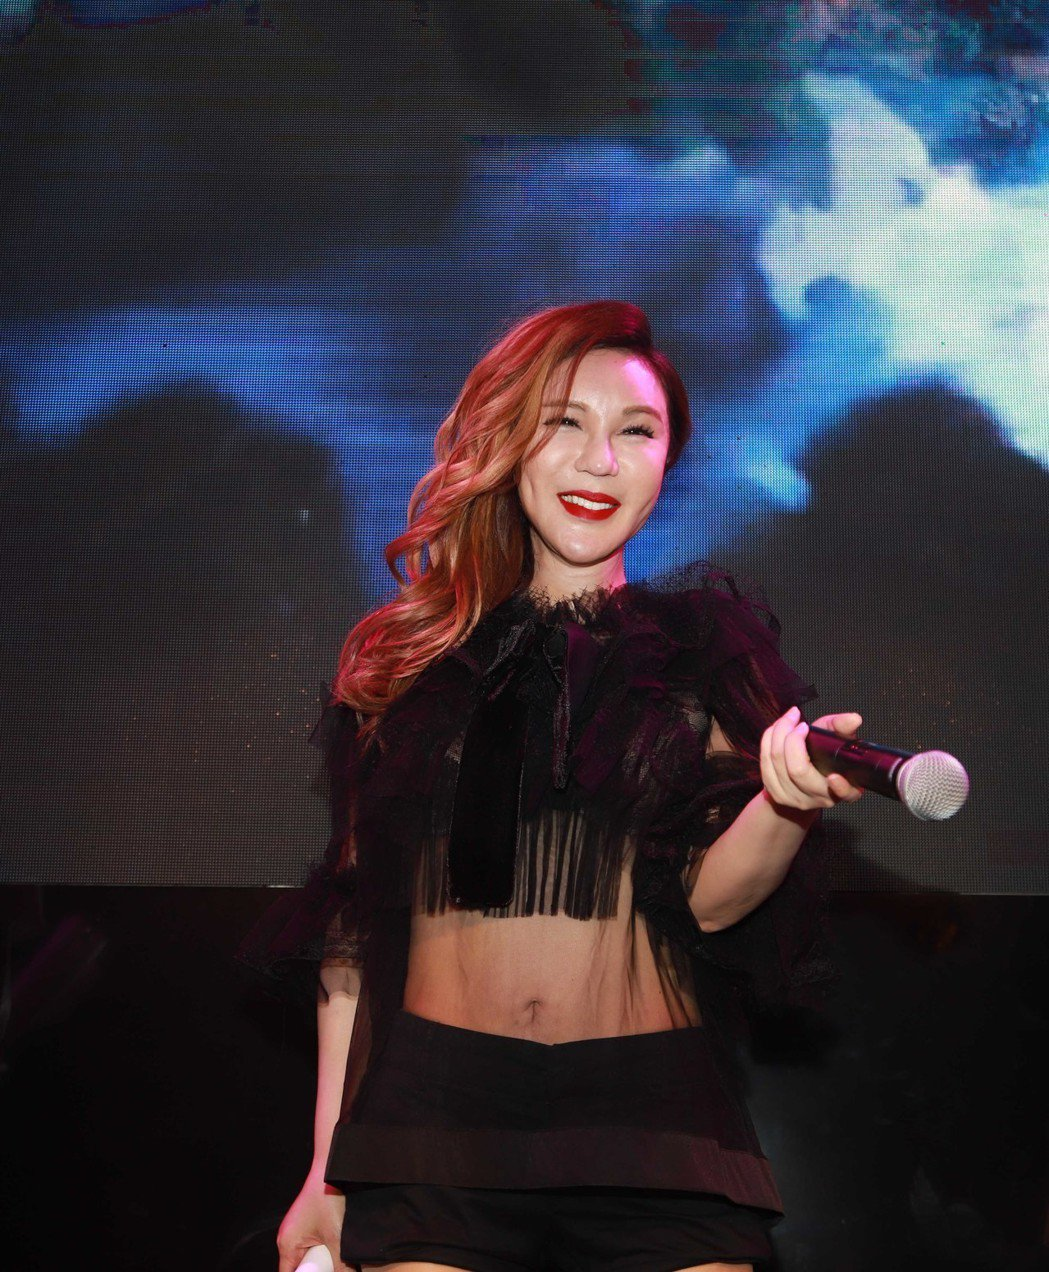 利菁形容自己辦了場「親唱會」。圖/伊林娛樂提供